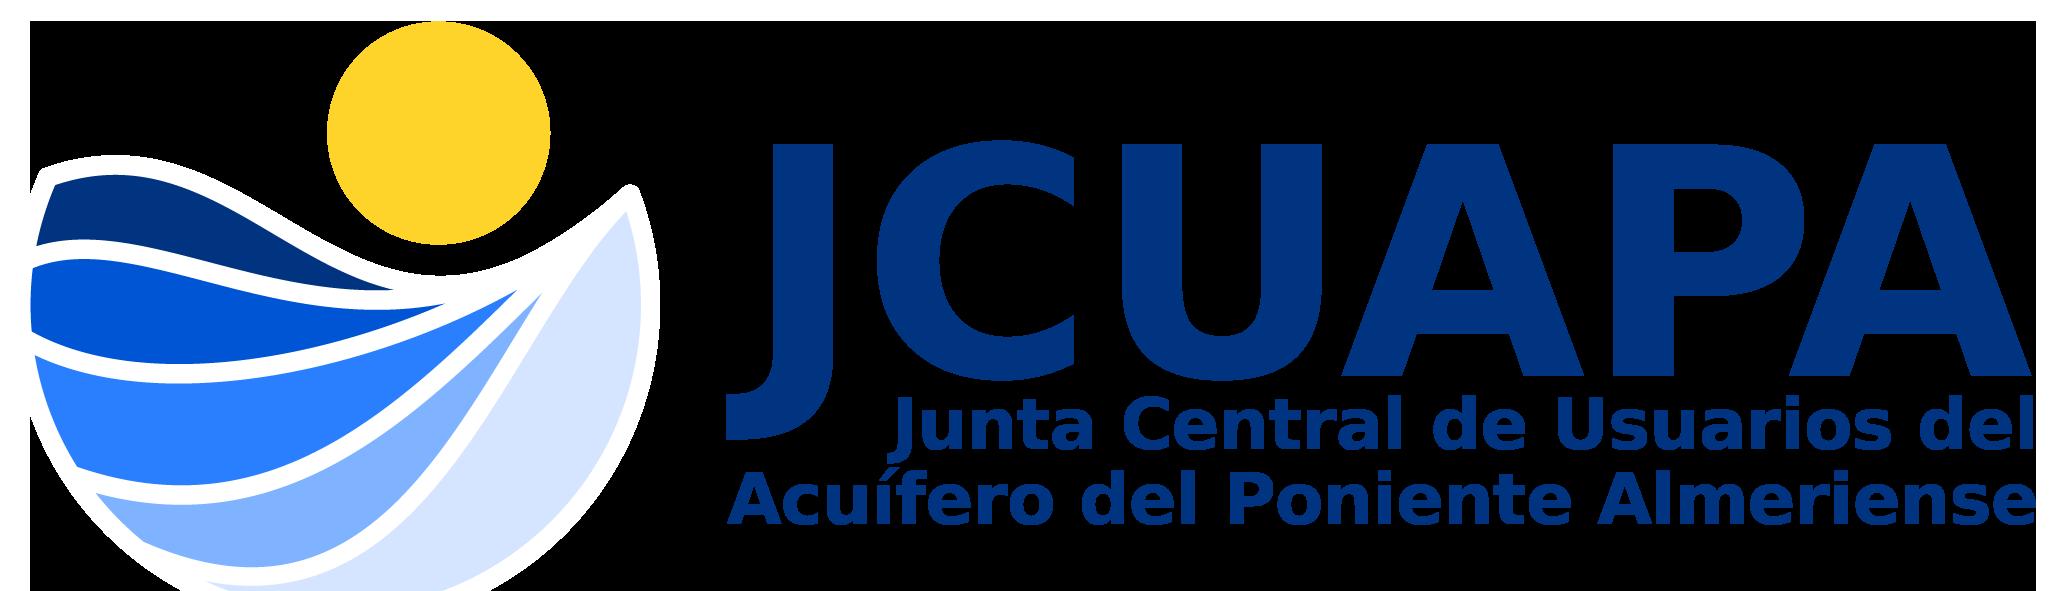 JCUAPA